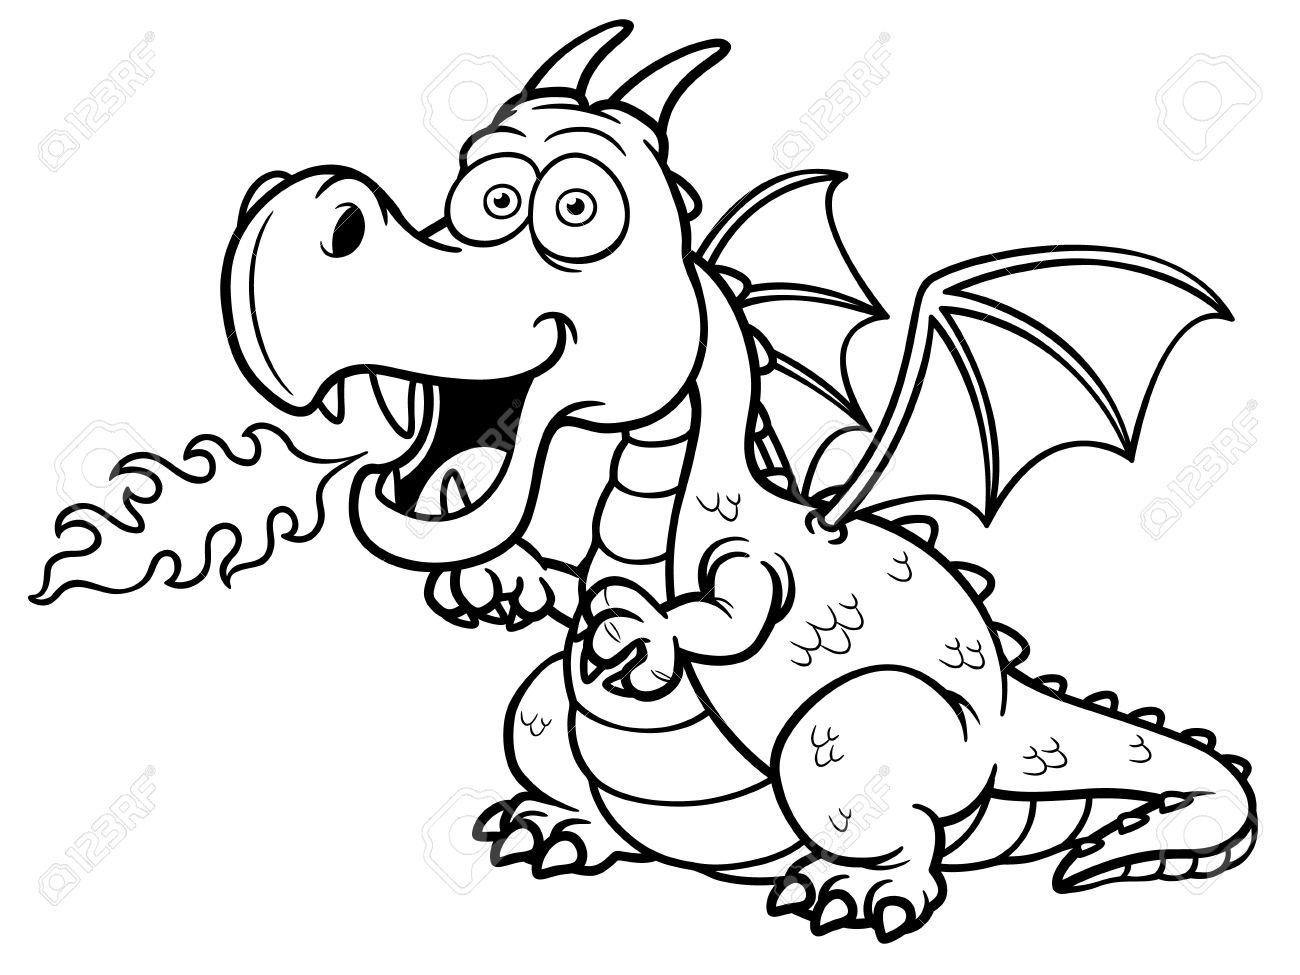 vector illustration of cartoon dragon fire coloring book stock vector 21157980 - Dragon Coloring Book